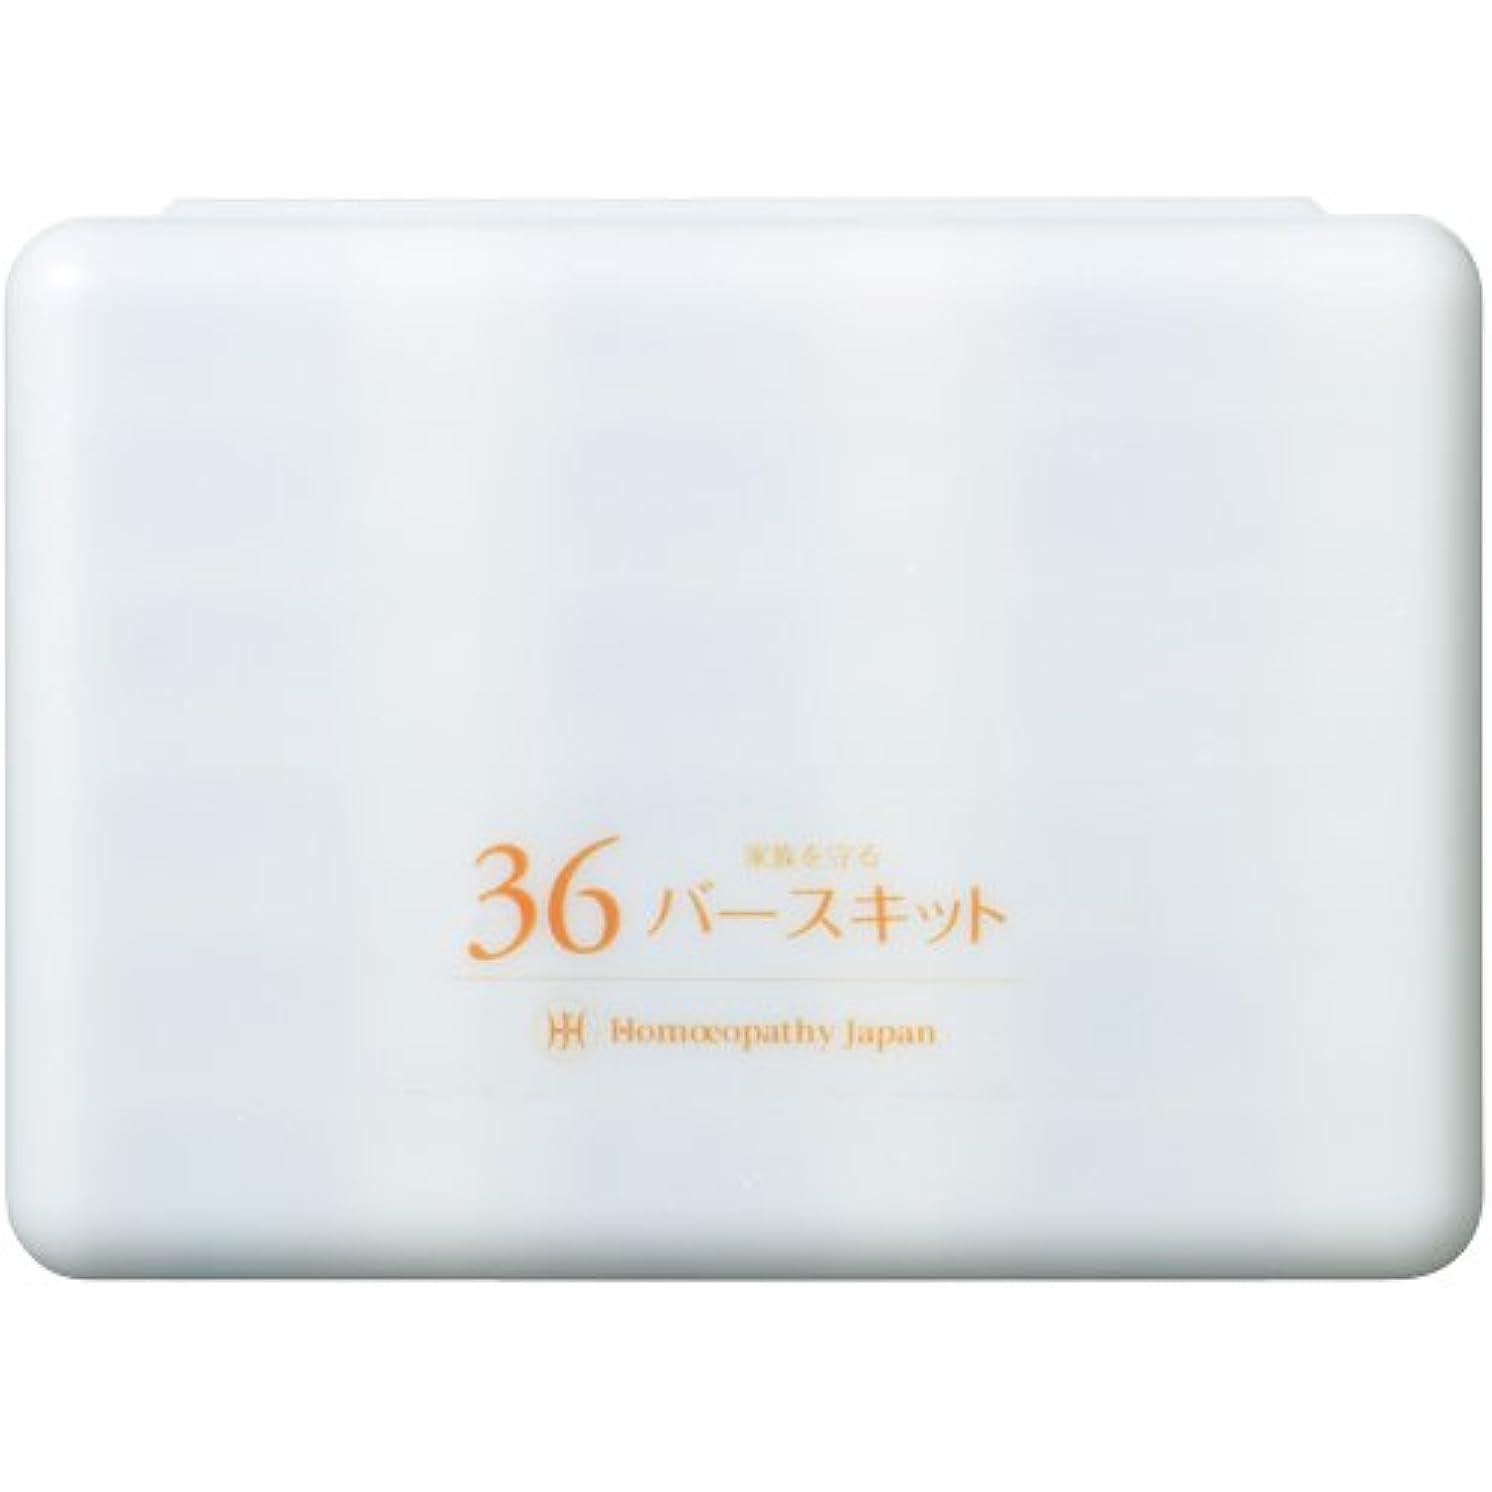 騒ぎオーバーランアンカーホメオパシージャパンレメディー 36バースキット